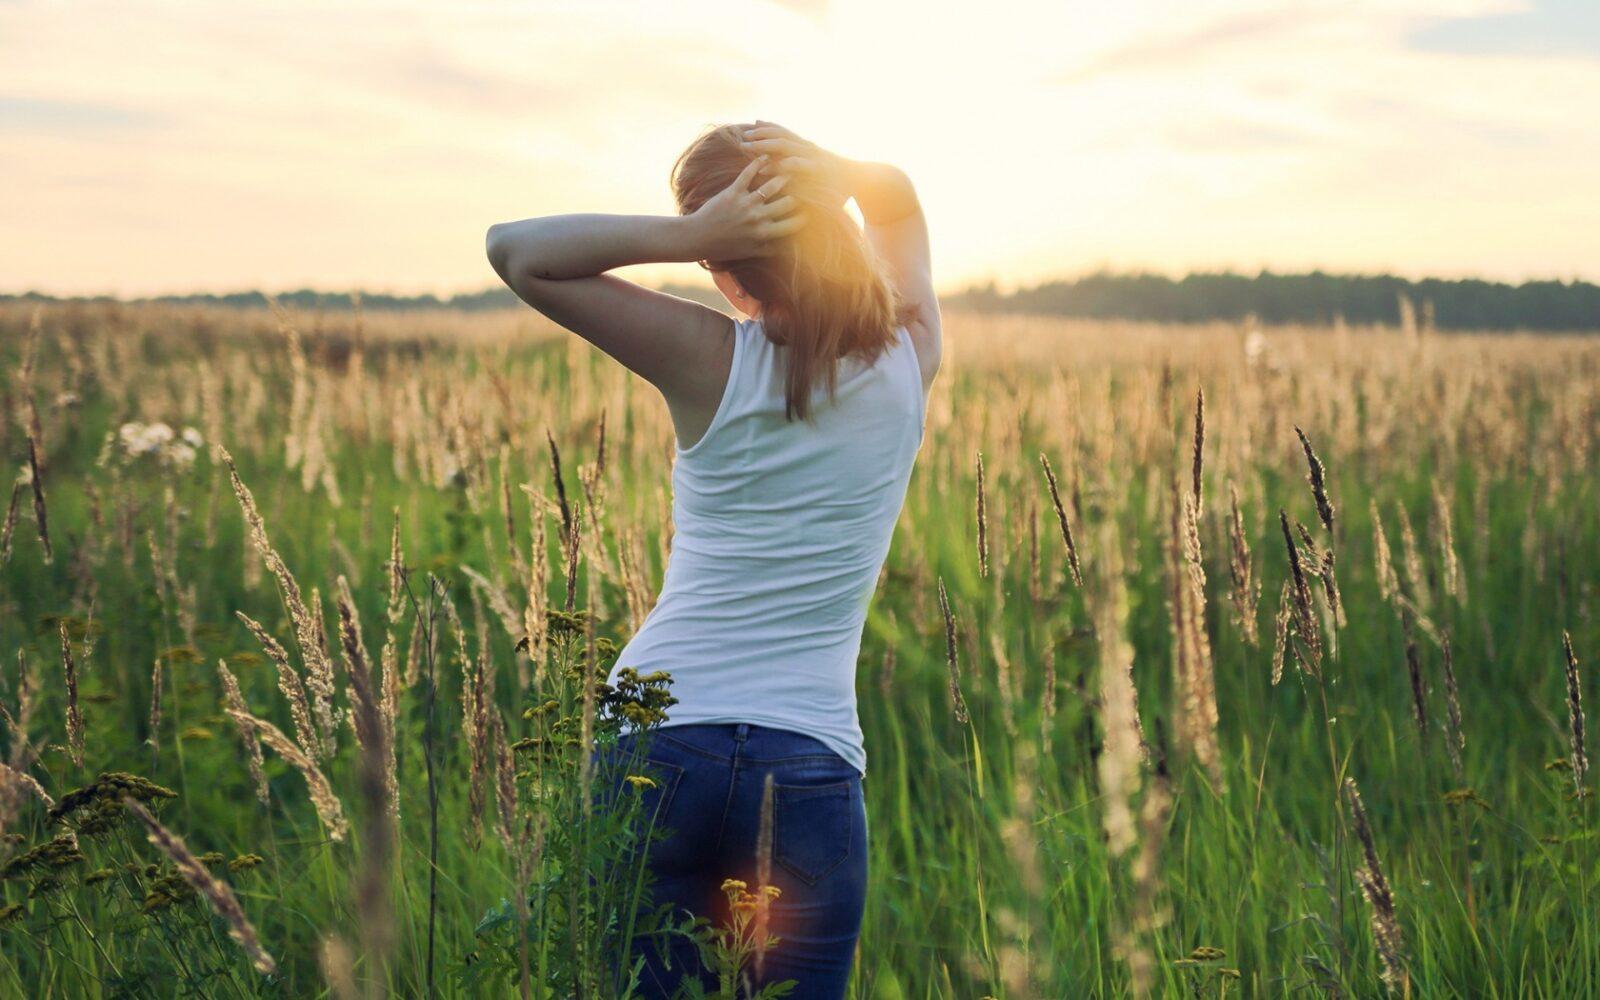 Ромашки для, картинки девушка и природа сзади